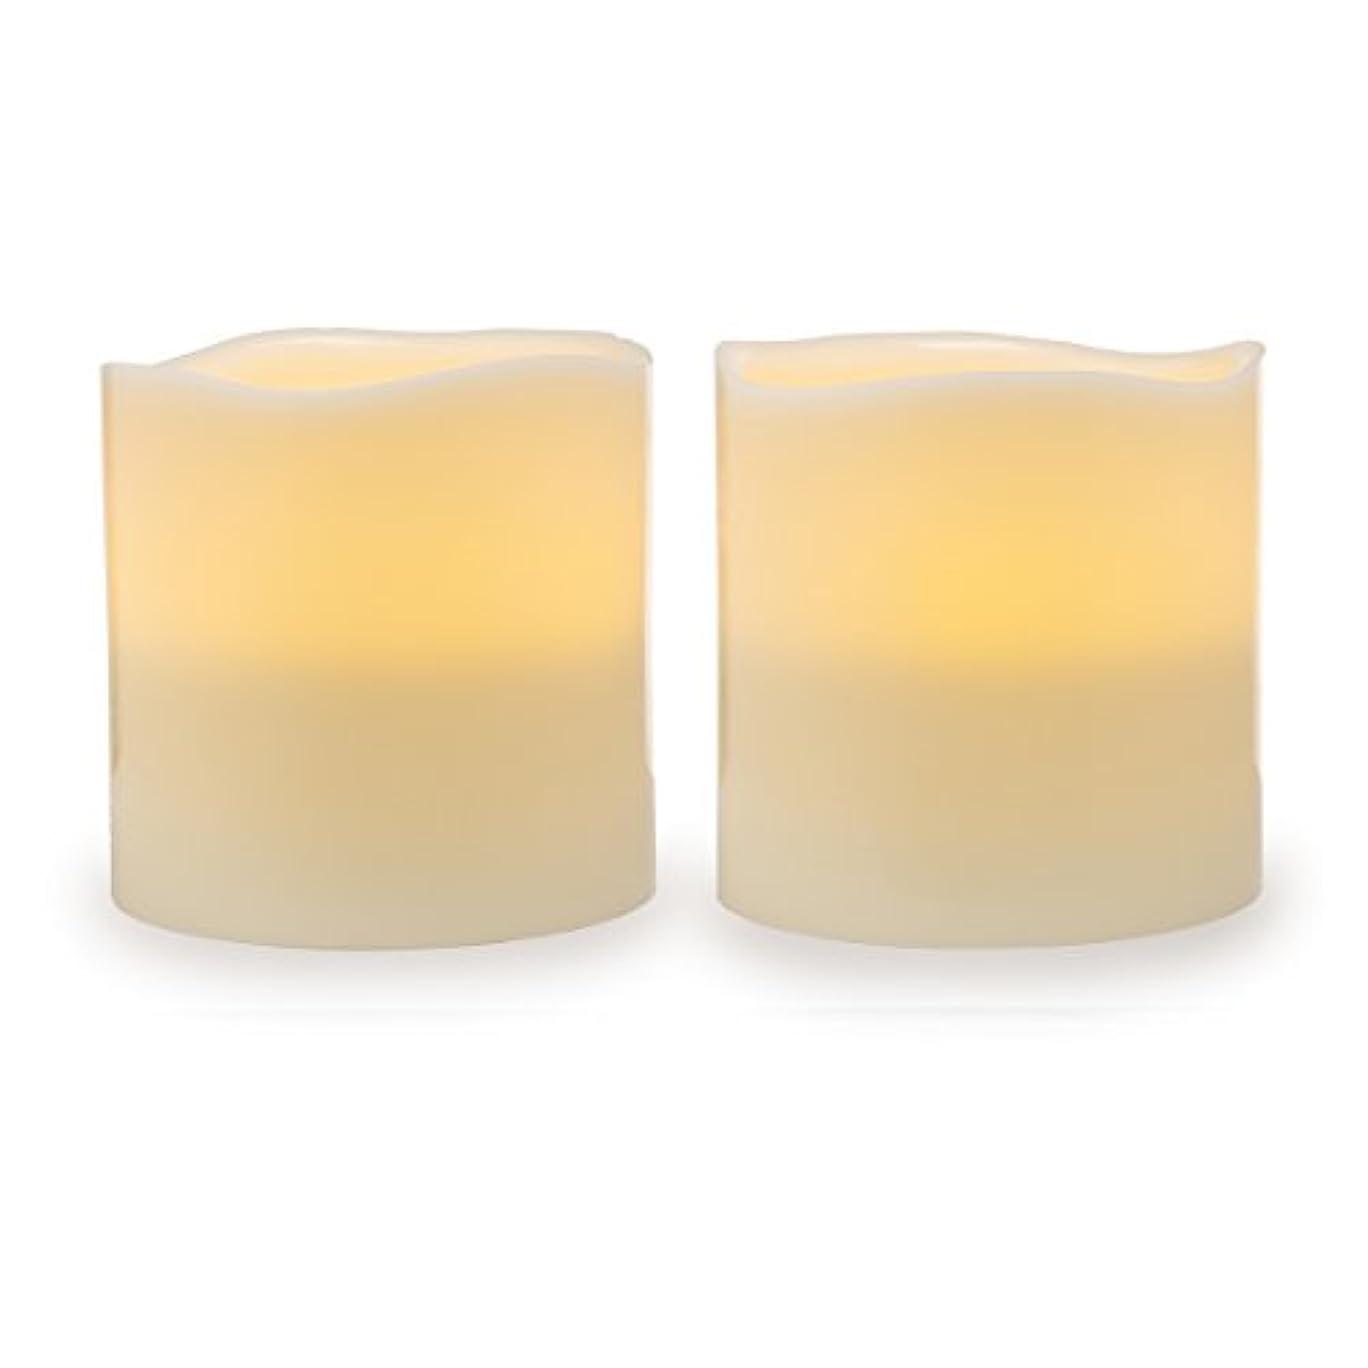 傾向がある温度規制するDarice電池式LED Pillar Candleセット、2ピース